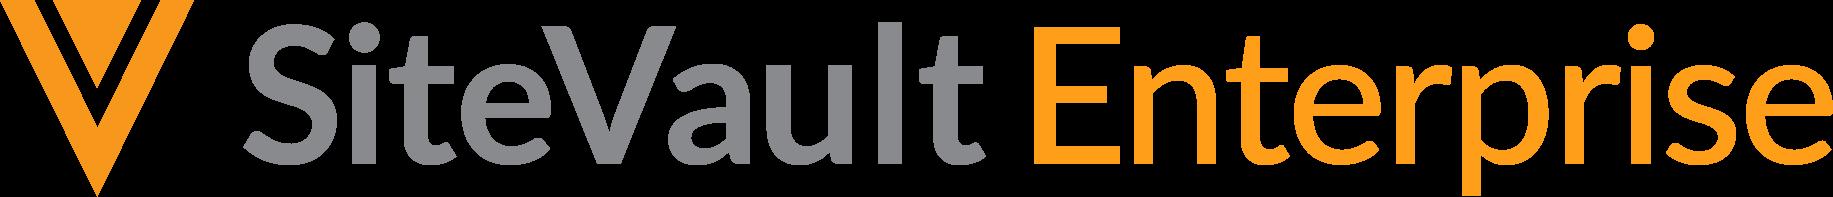 SiteVault Enterprise title